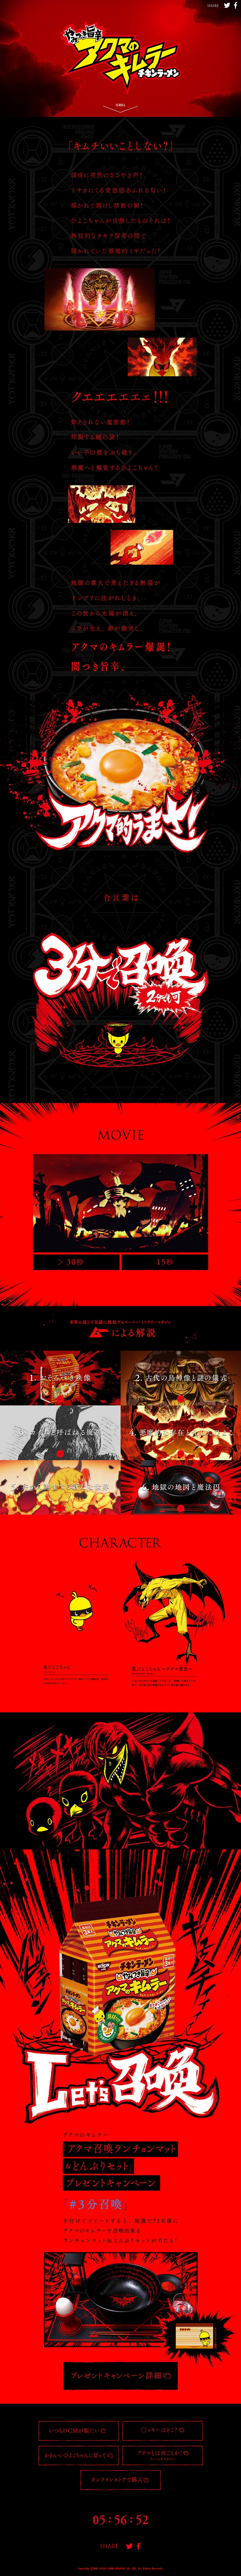 【日清食品】チキンラーメン アクマのキムラー「アクマ召喚ランチョンマット&どんぶりセット」プレゼントキャンペーン